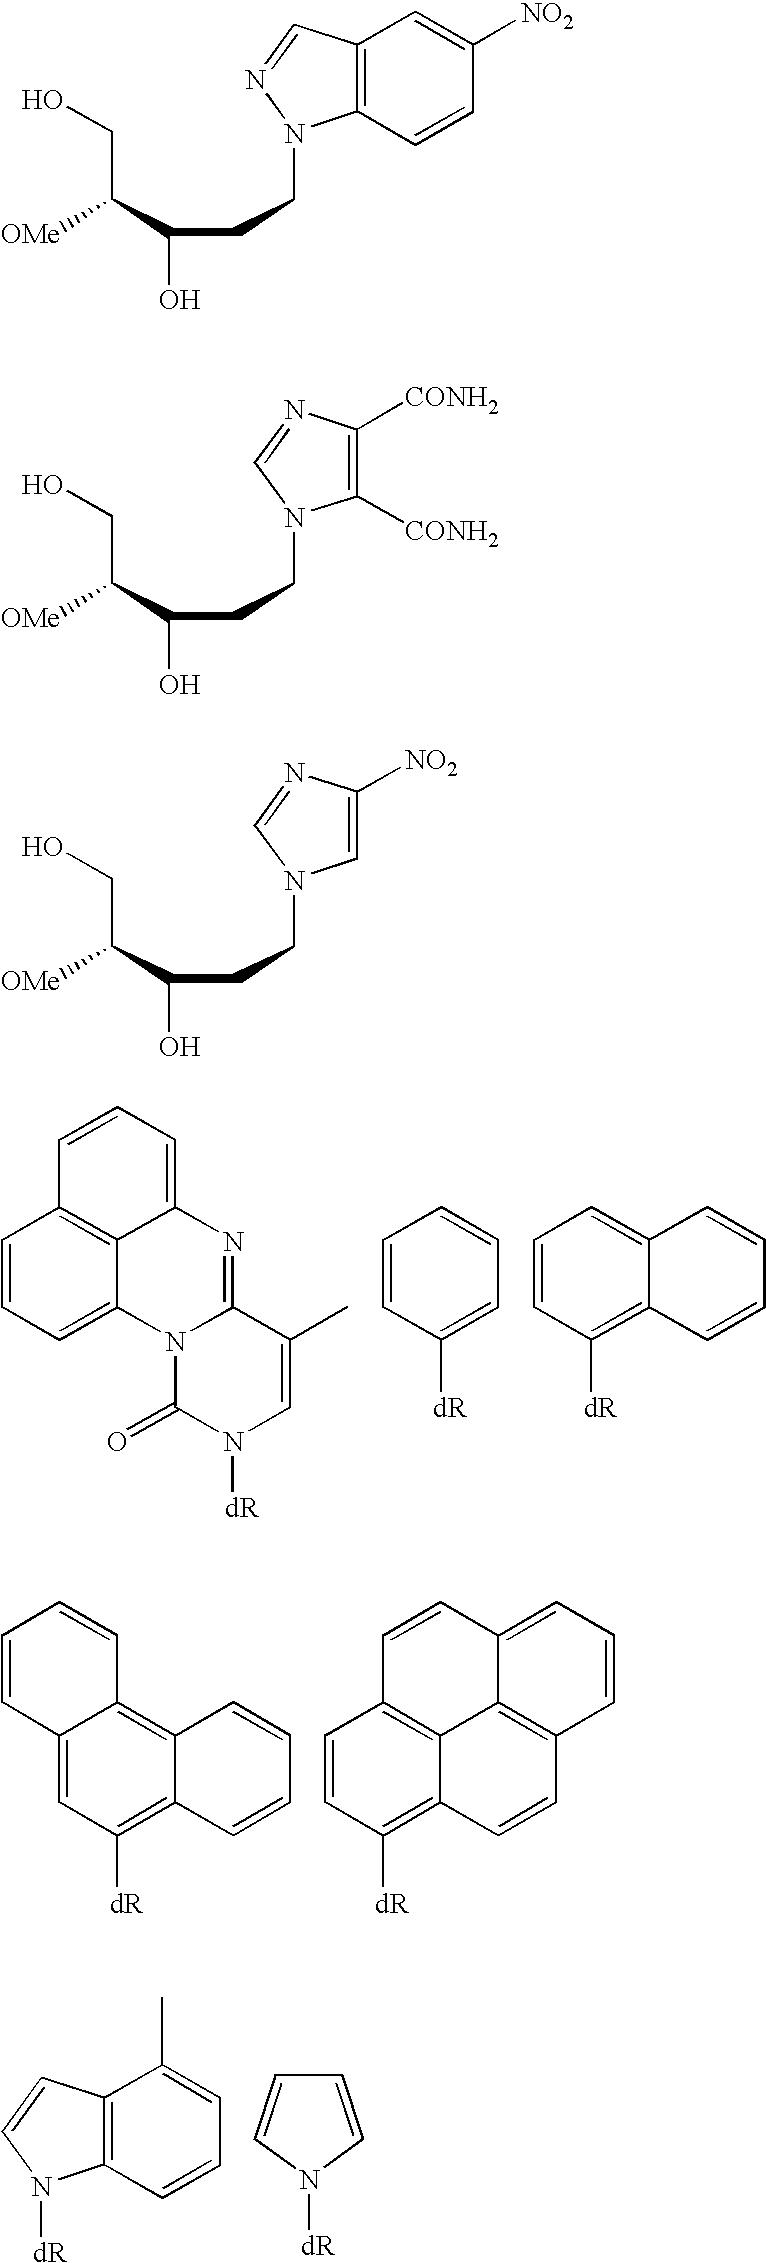 Figure US07875733-20110125-C00007